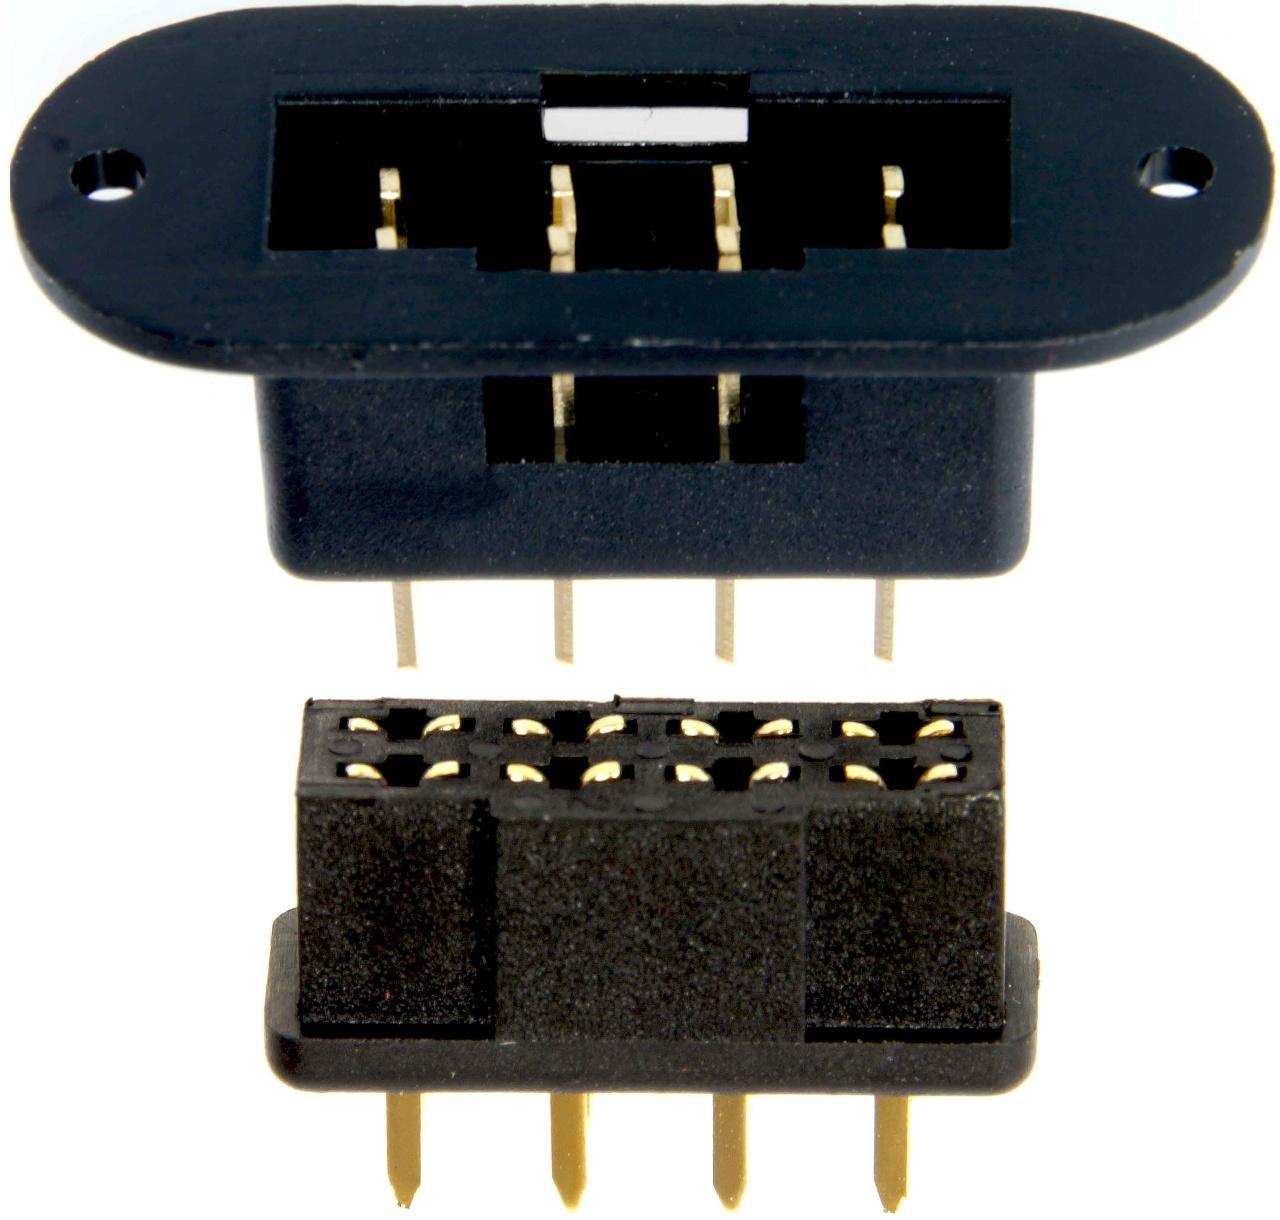 Tragflächenverbinder 8-Polig, 1-Paar schwarz